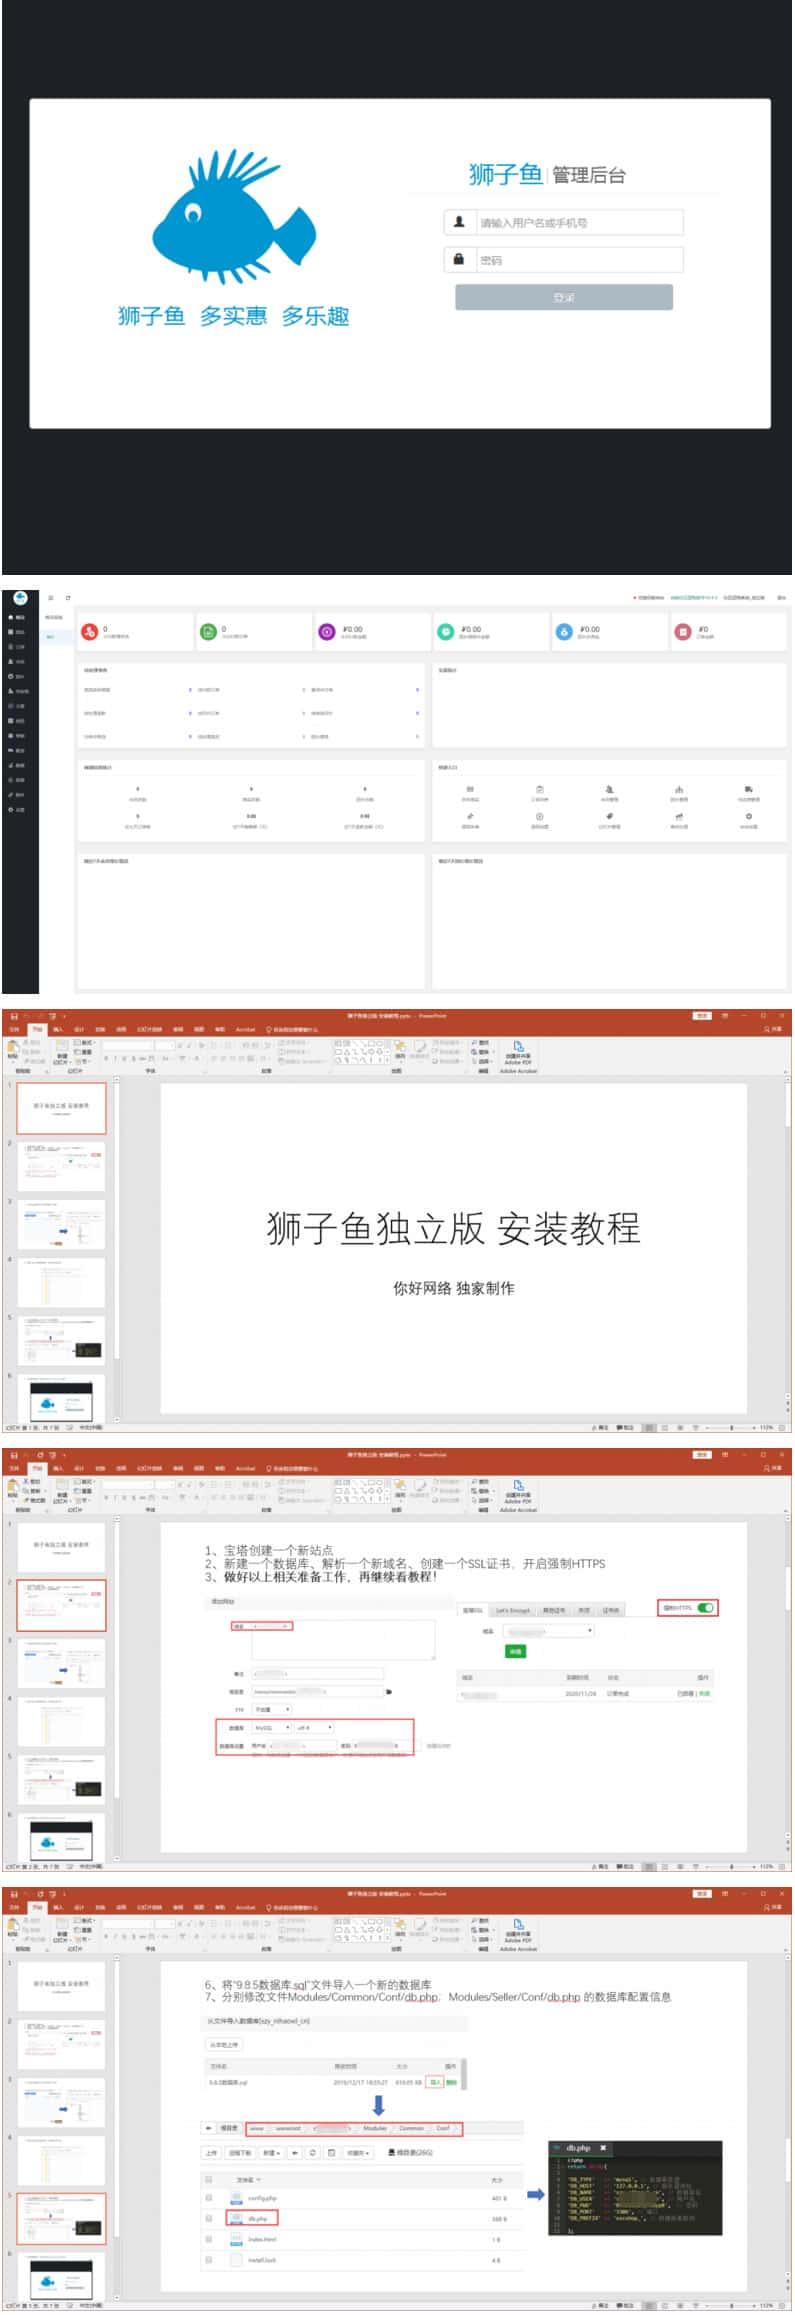 独立版狮子鱼社区团购小程序 12.7.0 提供安装升级图文教程+新版小程序前端 网站源码 第1张